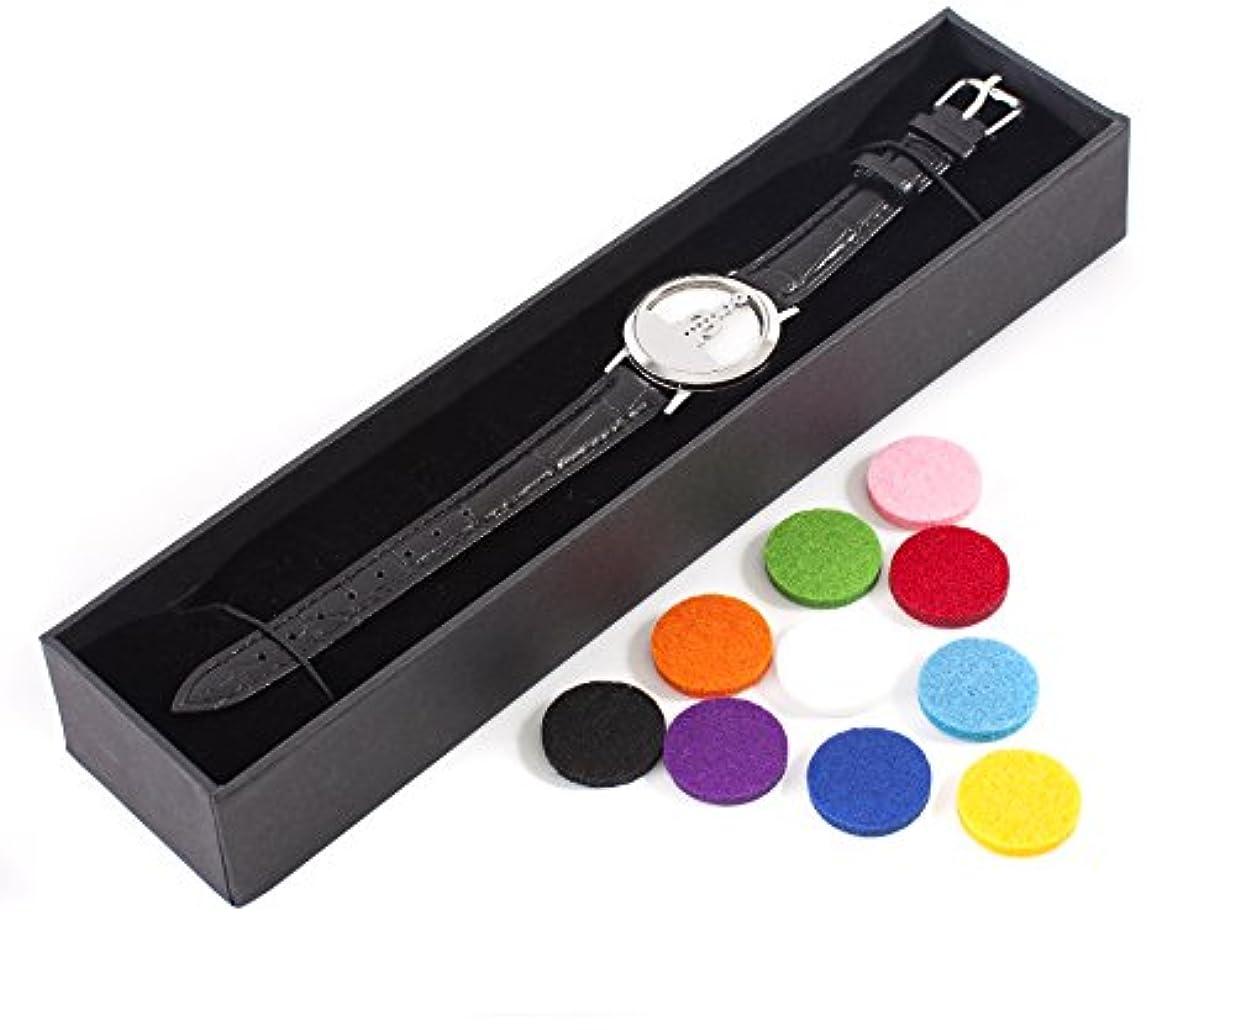 程度協力軽くMystic Moments | Seven Chakras | Aromatherapy Oil Diffuser Bracelet with Adjustable Black Leather Strap